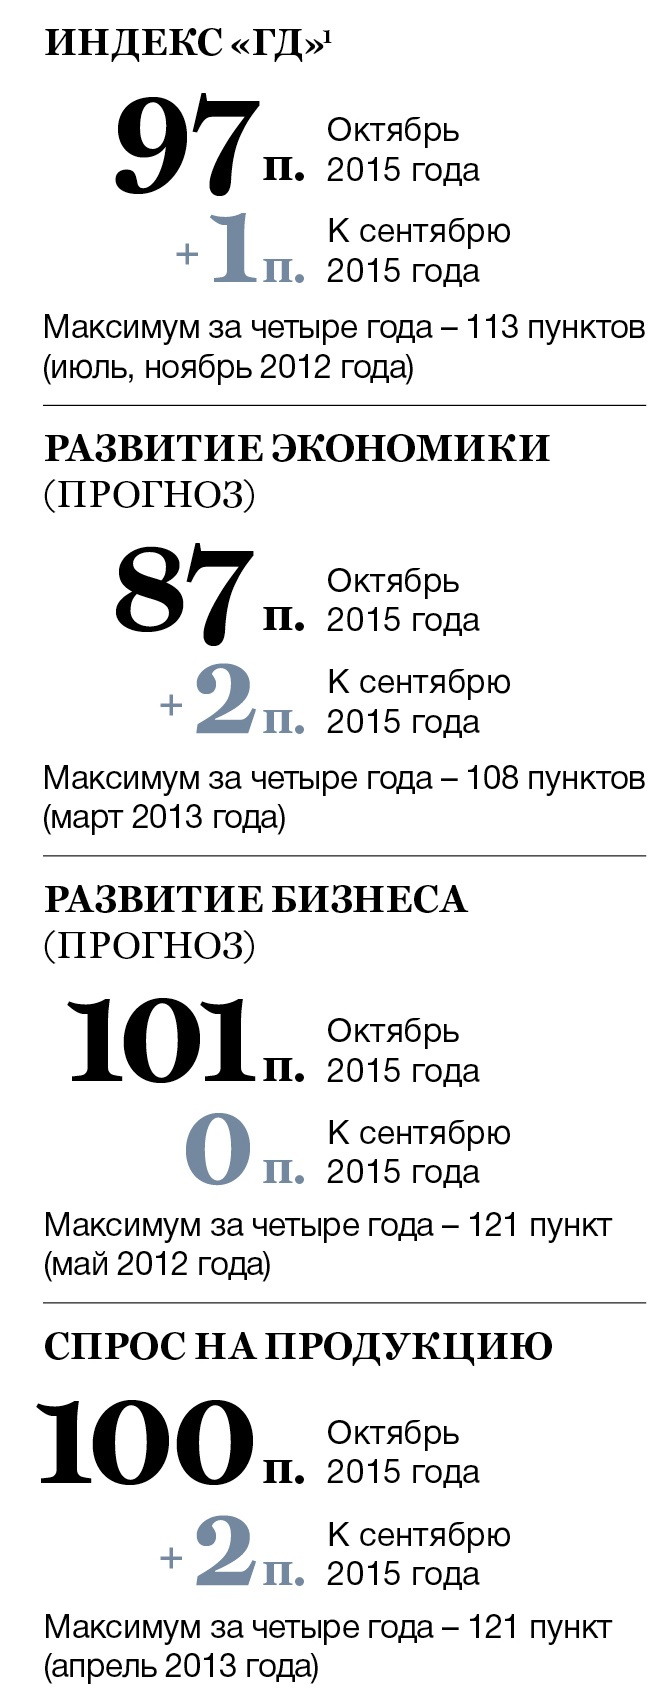 Экономическая ситуация в России и мире: анализ и прогноз. Декабрь 2015